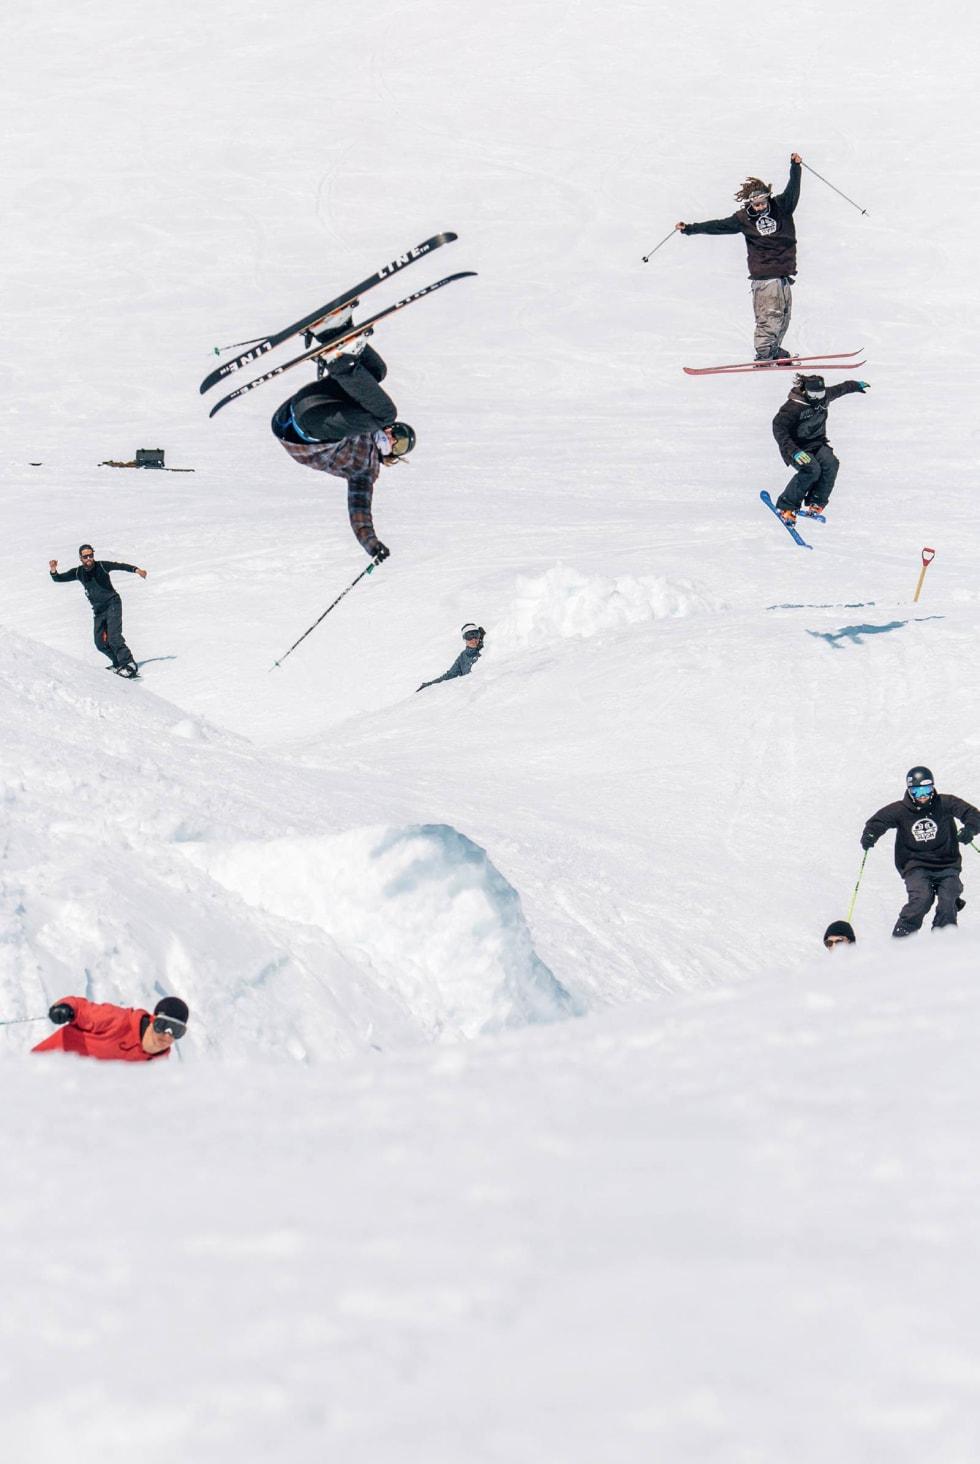 TOG: Christian Nummedal i rødt er lokfører, Robert Ruud i flip er passasjer sammen med Jonas Hunziker (blå brilleglass), James Woods (går inn for landing), Charlie Lasser (i twist) og Martin Lothe (på hoppet).